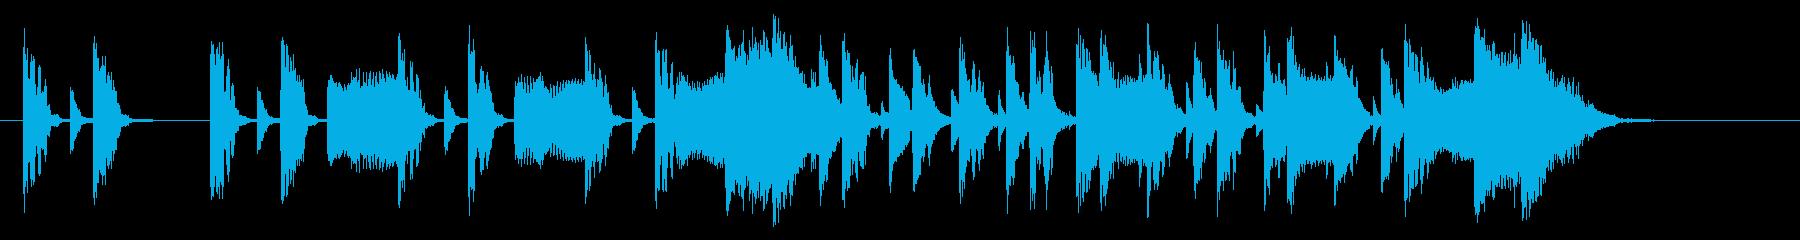 シンセベースが効果的なジングルの再生済みの波形